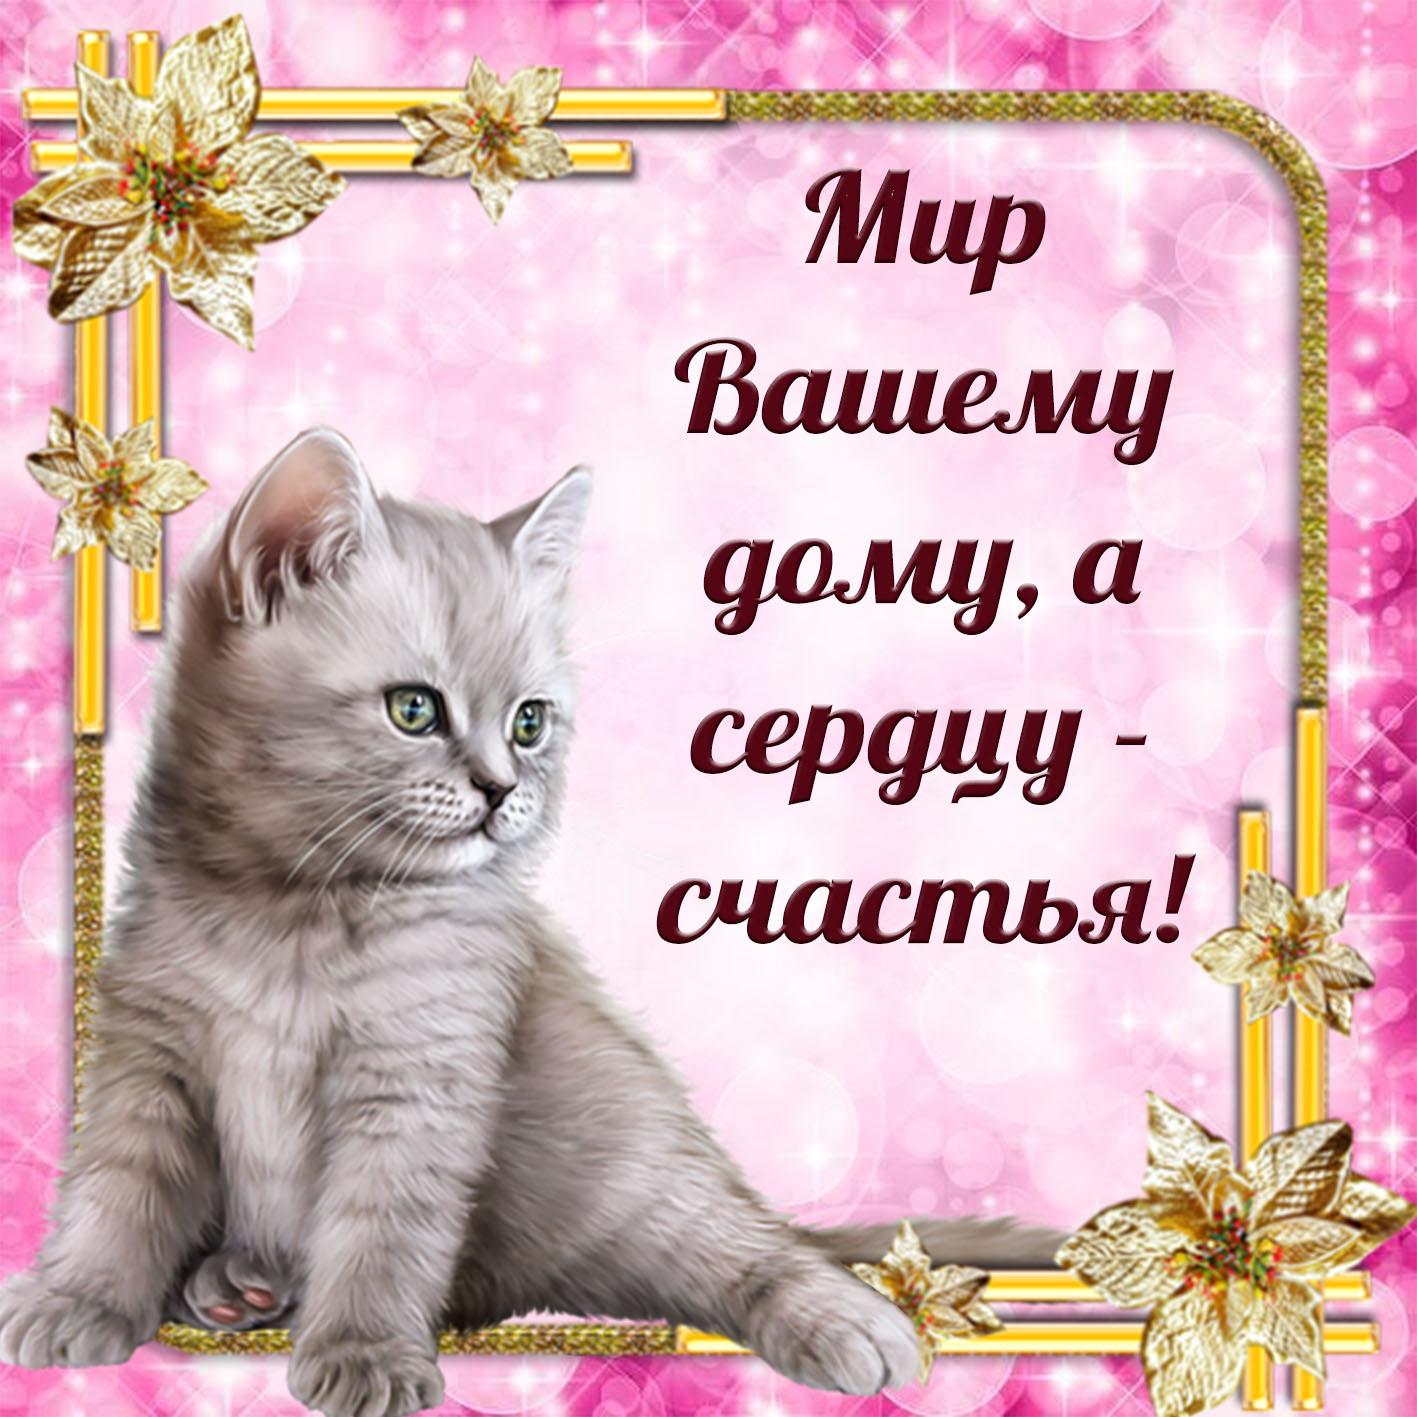 Картинка с котиком в красивой рамочке и пожелание счастья